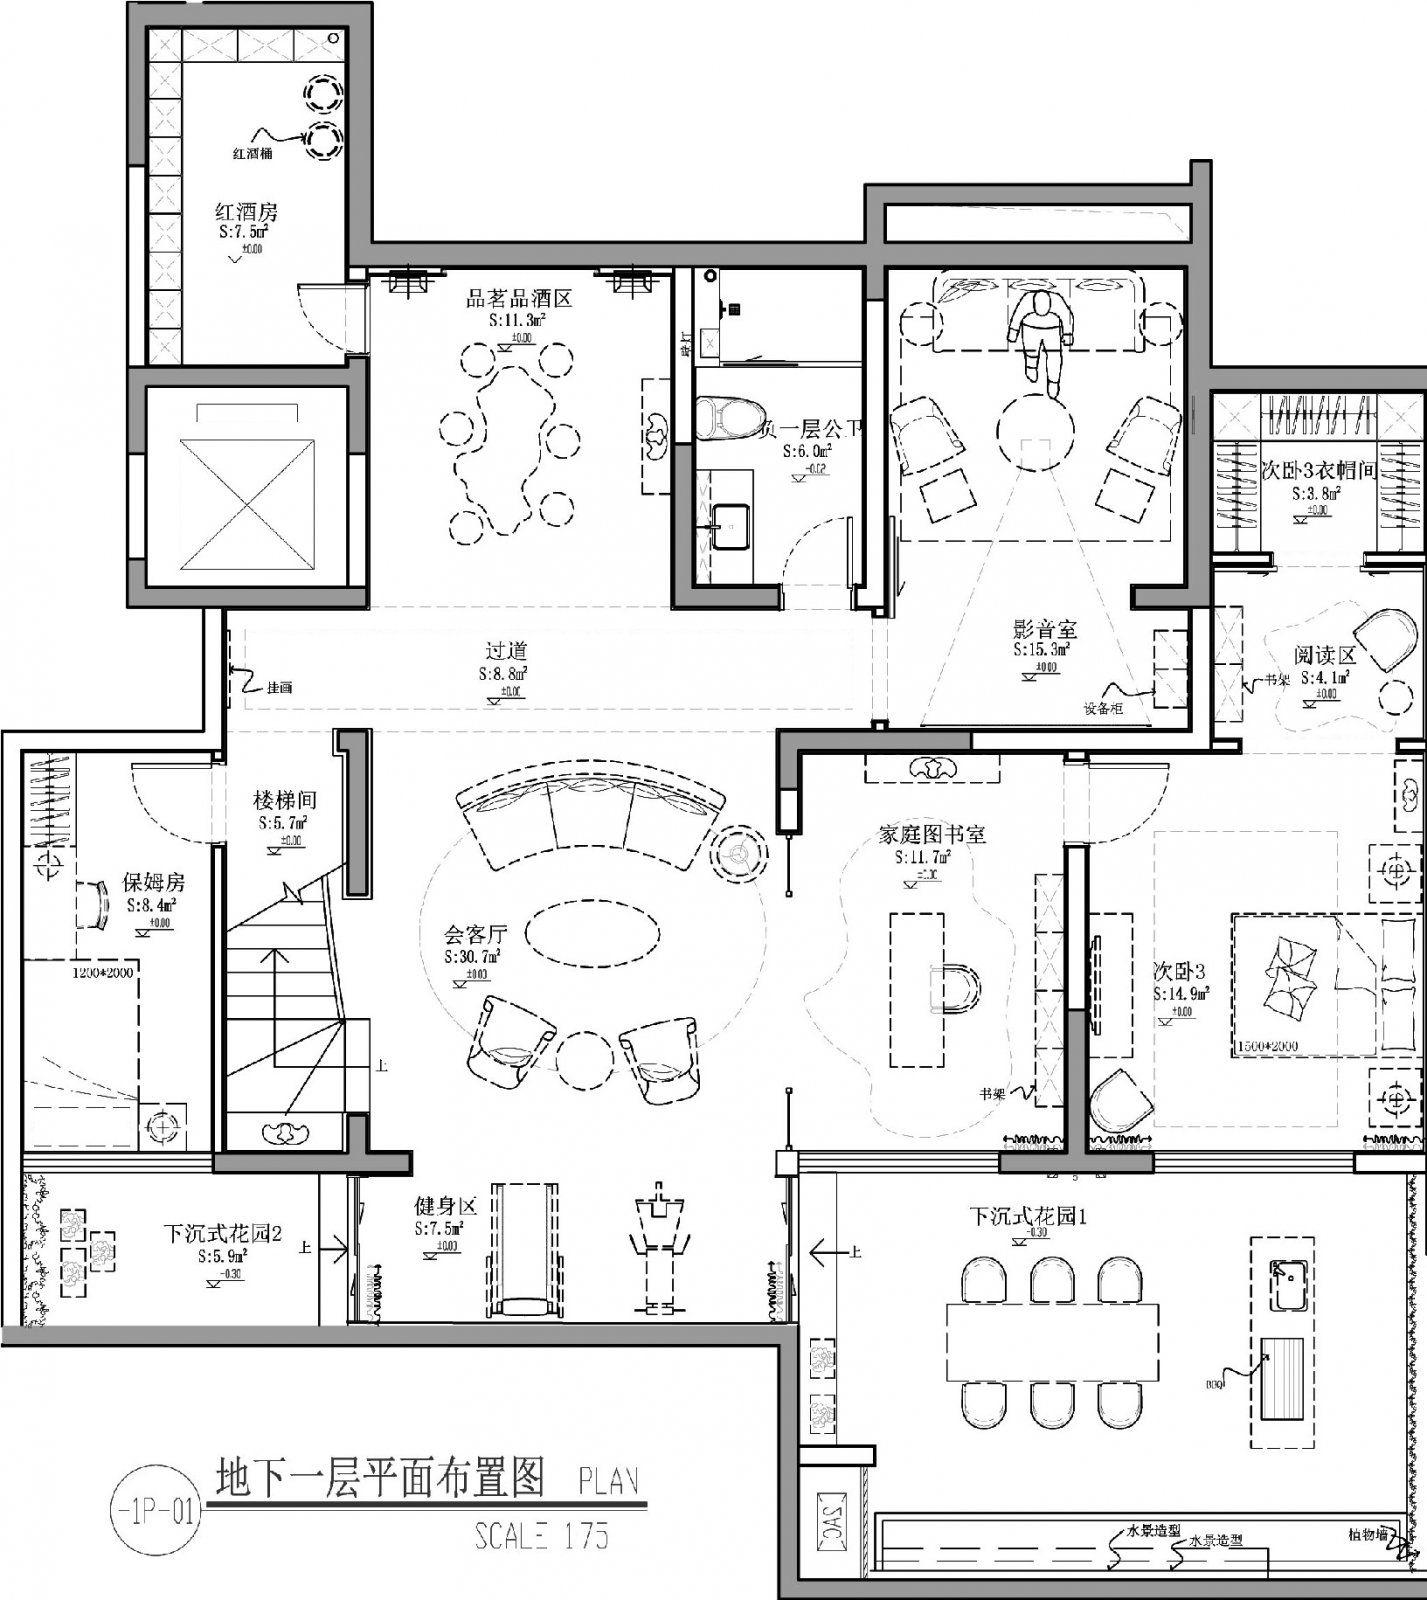 270㎡河南德正·西湖春天现代轻奢样板间 | 臻品空间设计